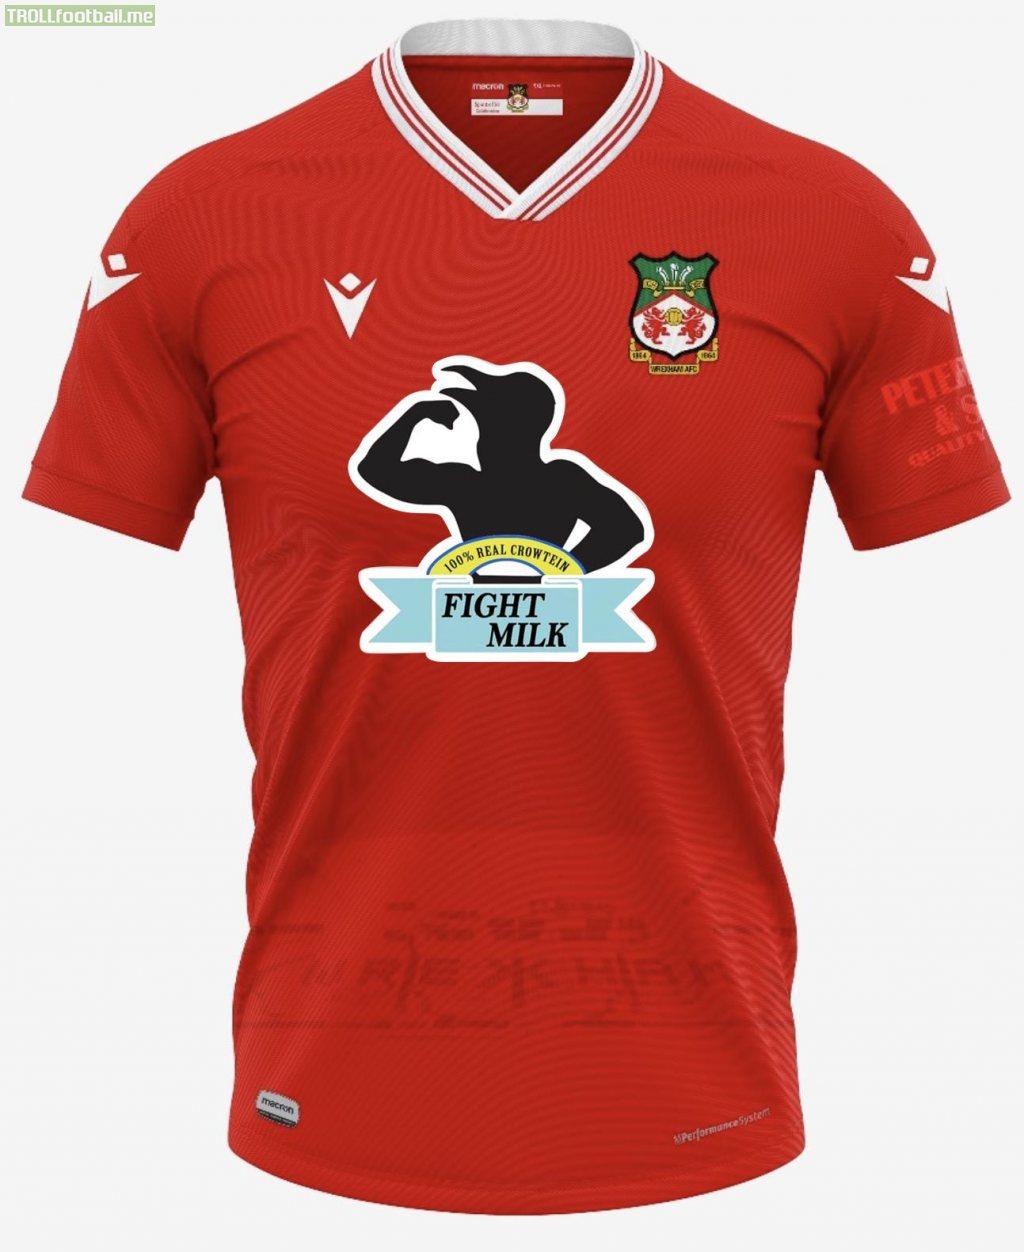 Wrexham's new home kit announced